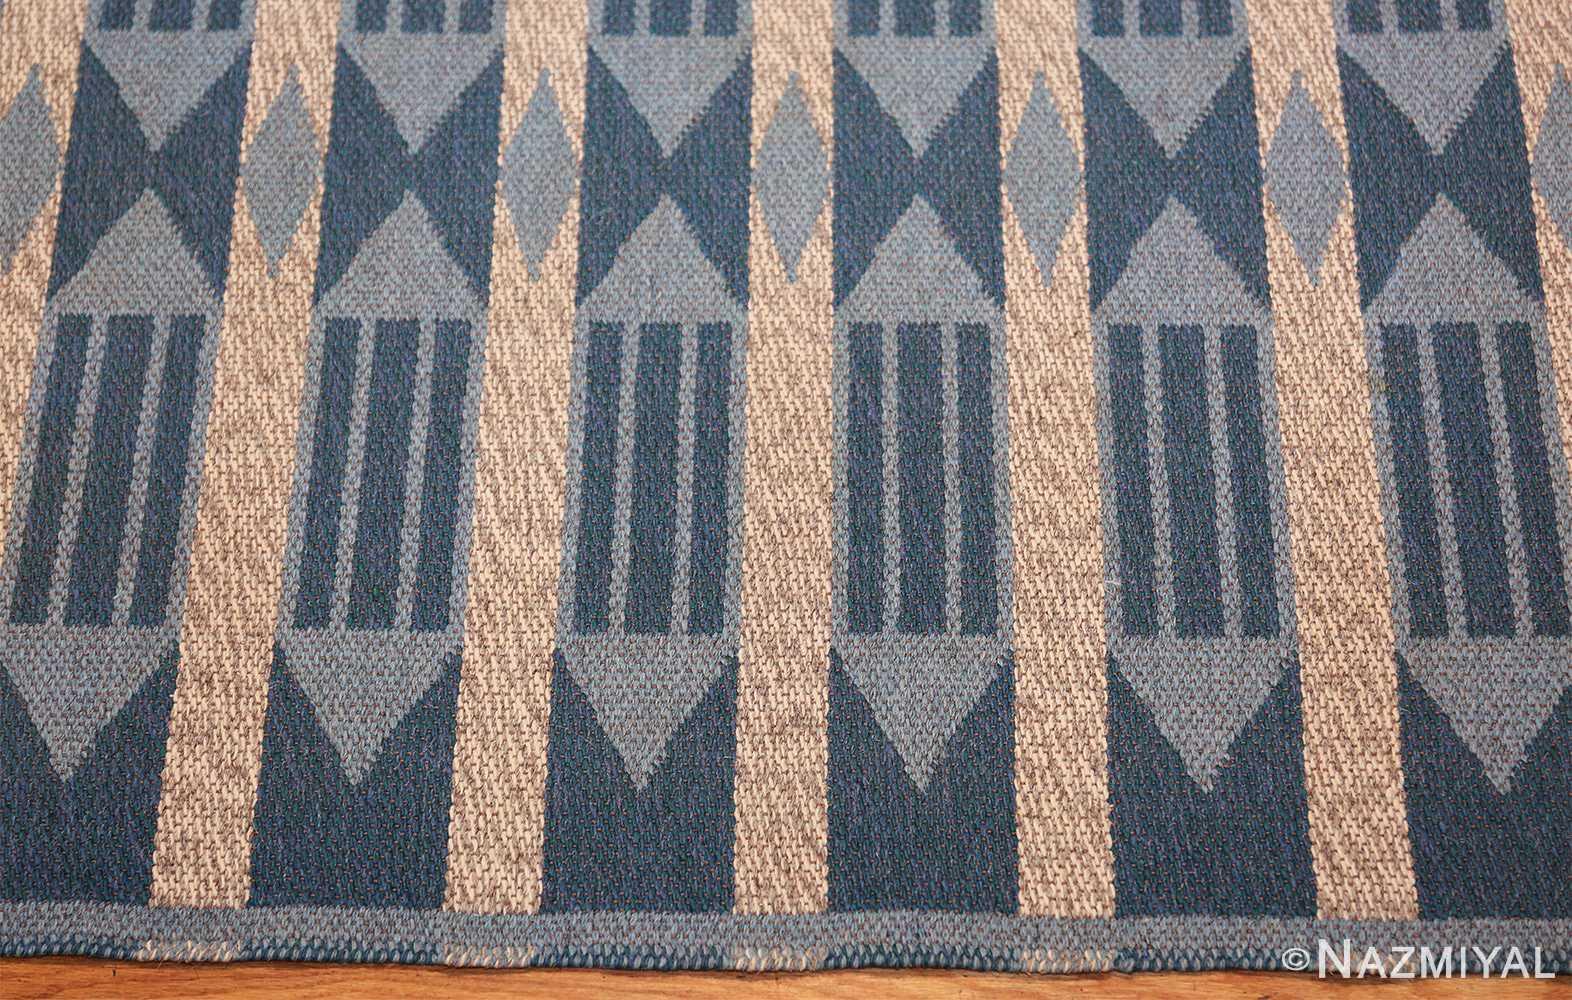 double sided vintage swedish carpet 48449 border Nazmiyal